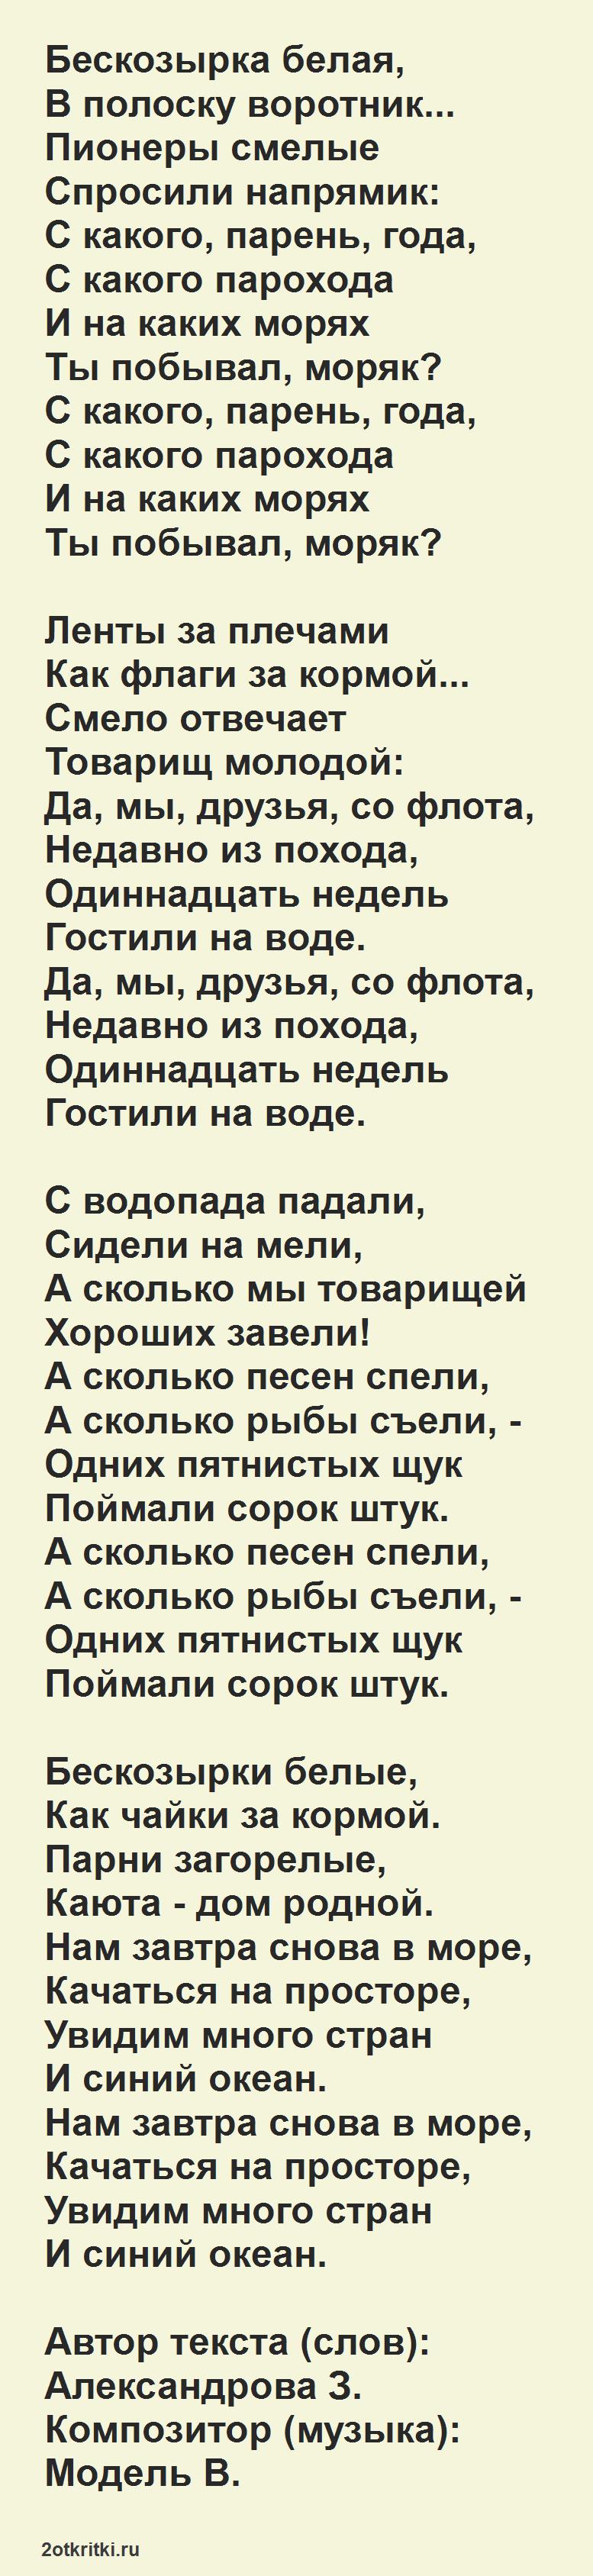 Песня на 23 февраля для детей - Бескозырка белая